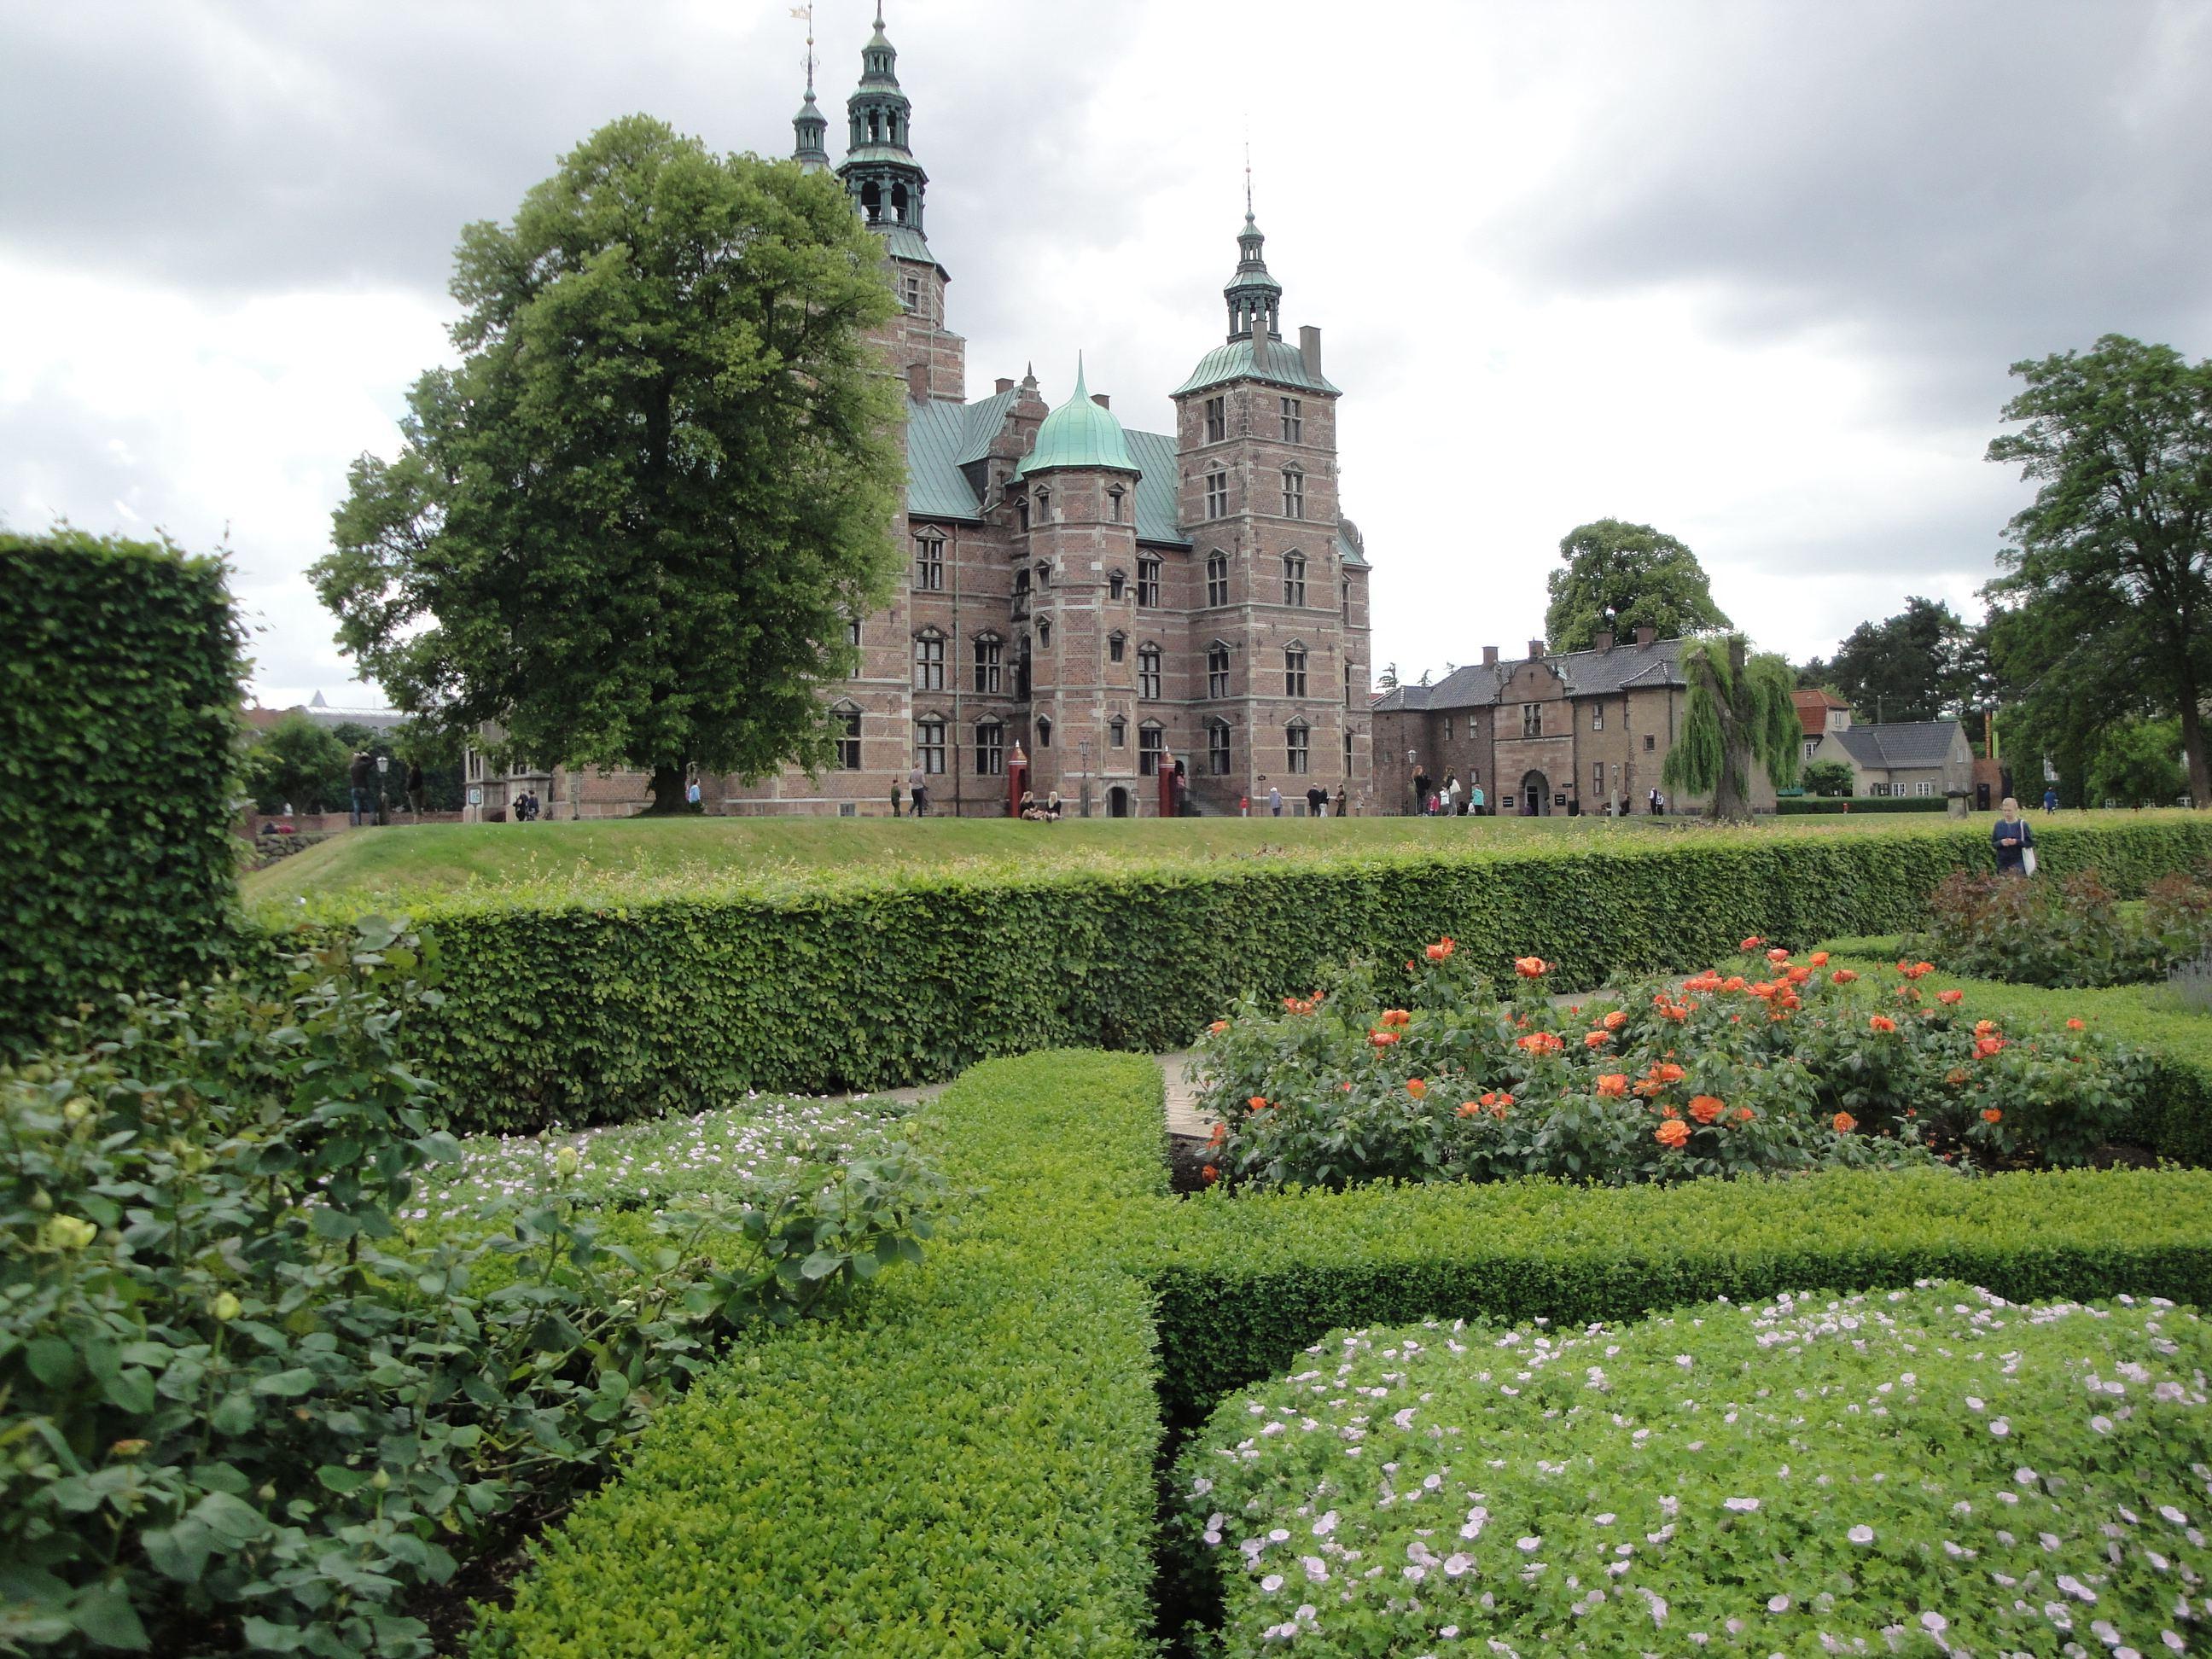 Rosenborg Castle from formal garden - 888.9KB